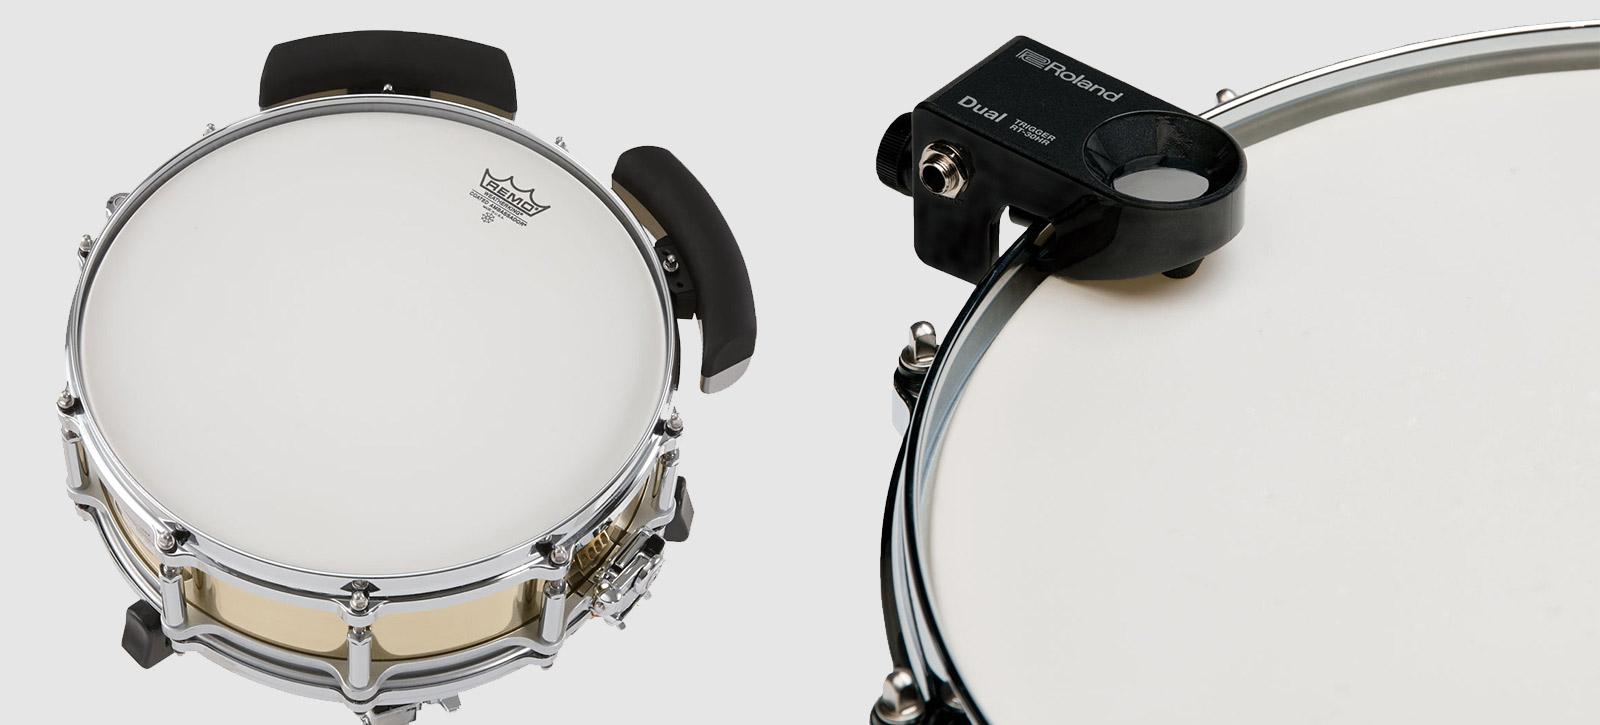 New Drum Triggers : roland hybrid drums new to hybrid ~ Hamham.info Haus und Dekorationen